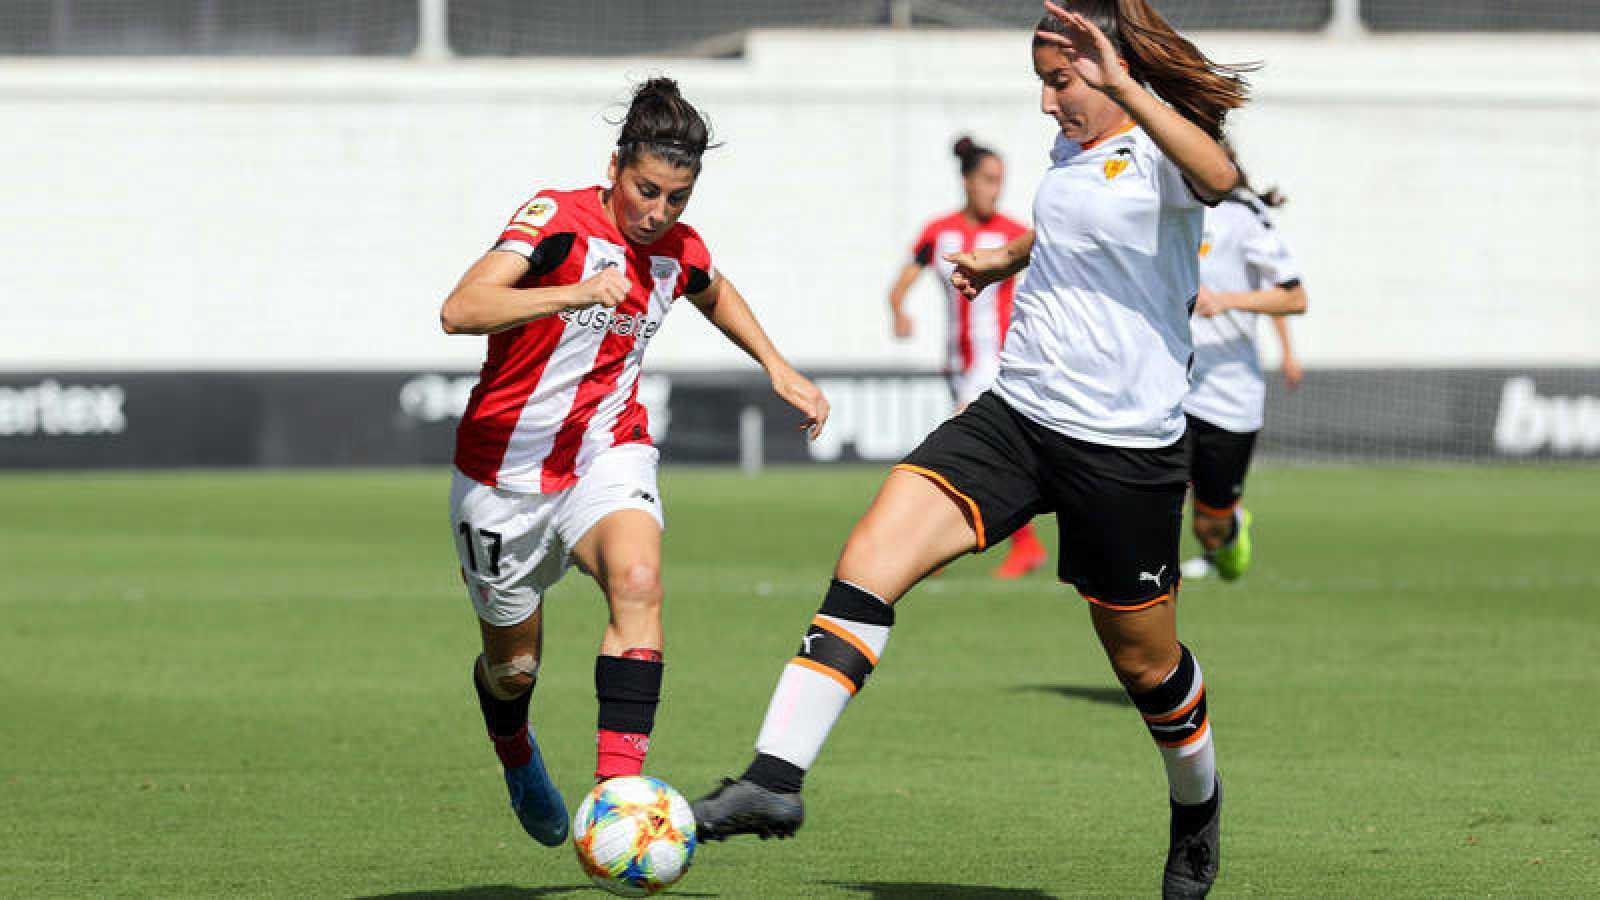 La jugadora del Valencia Femenino Cristina Cubedo (dcha) disputa un balón con la jugadora del Athletic de Bilbao Lucía García